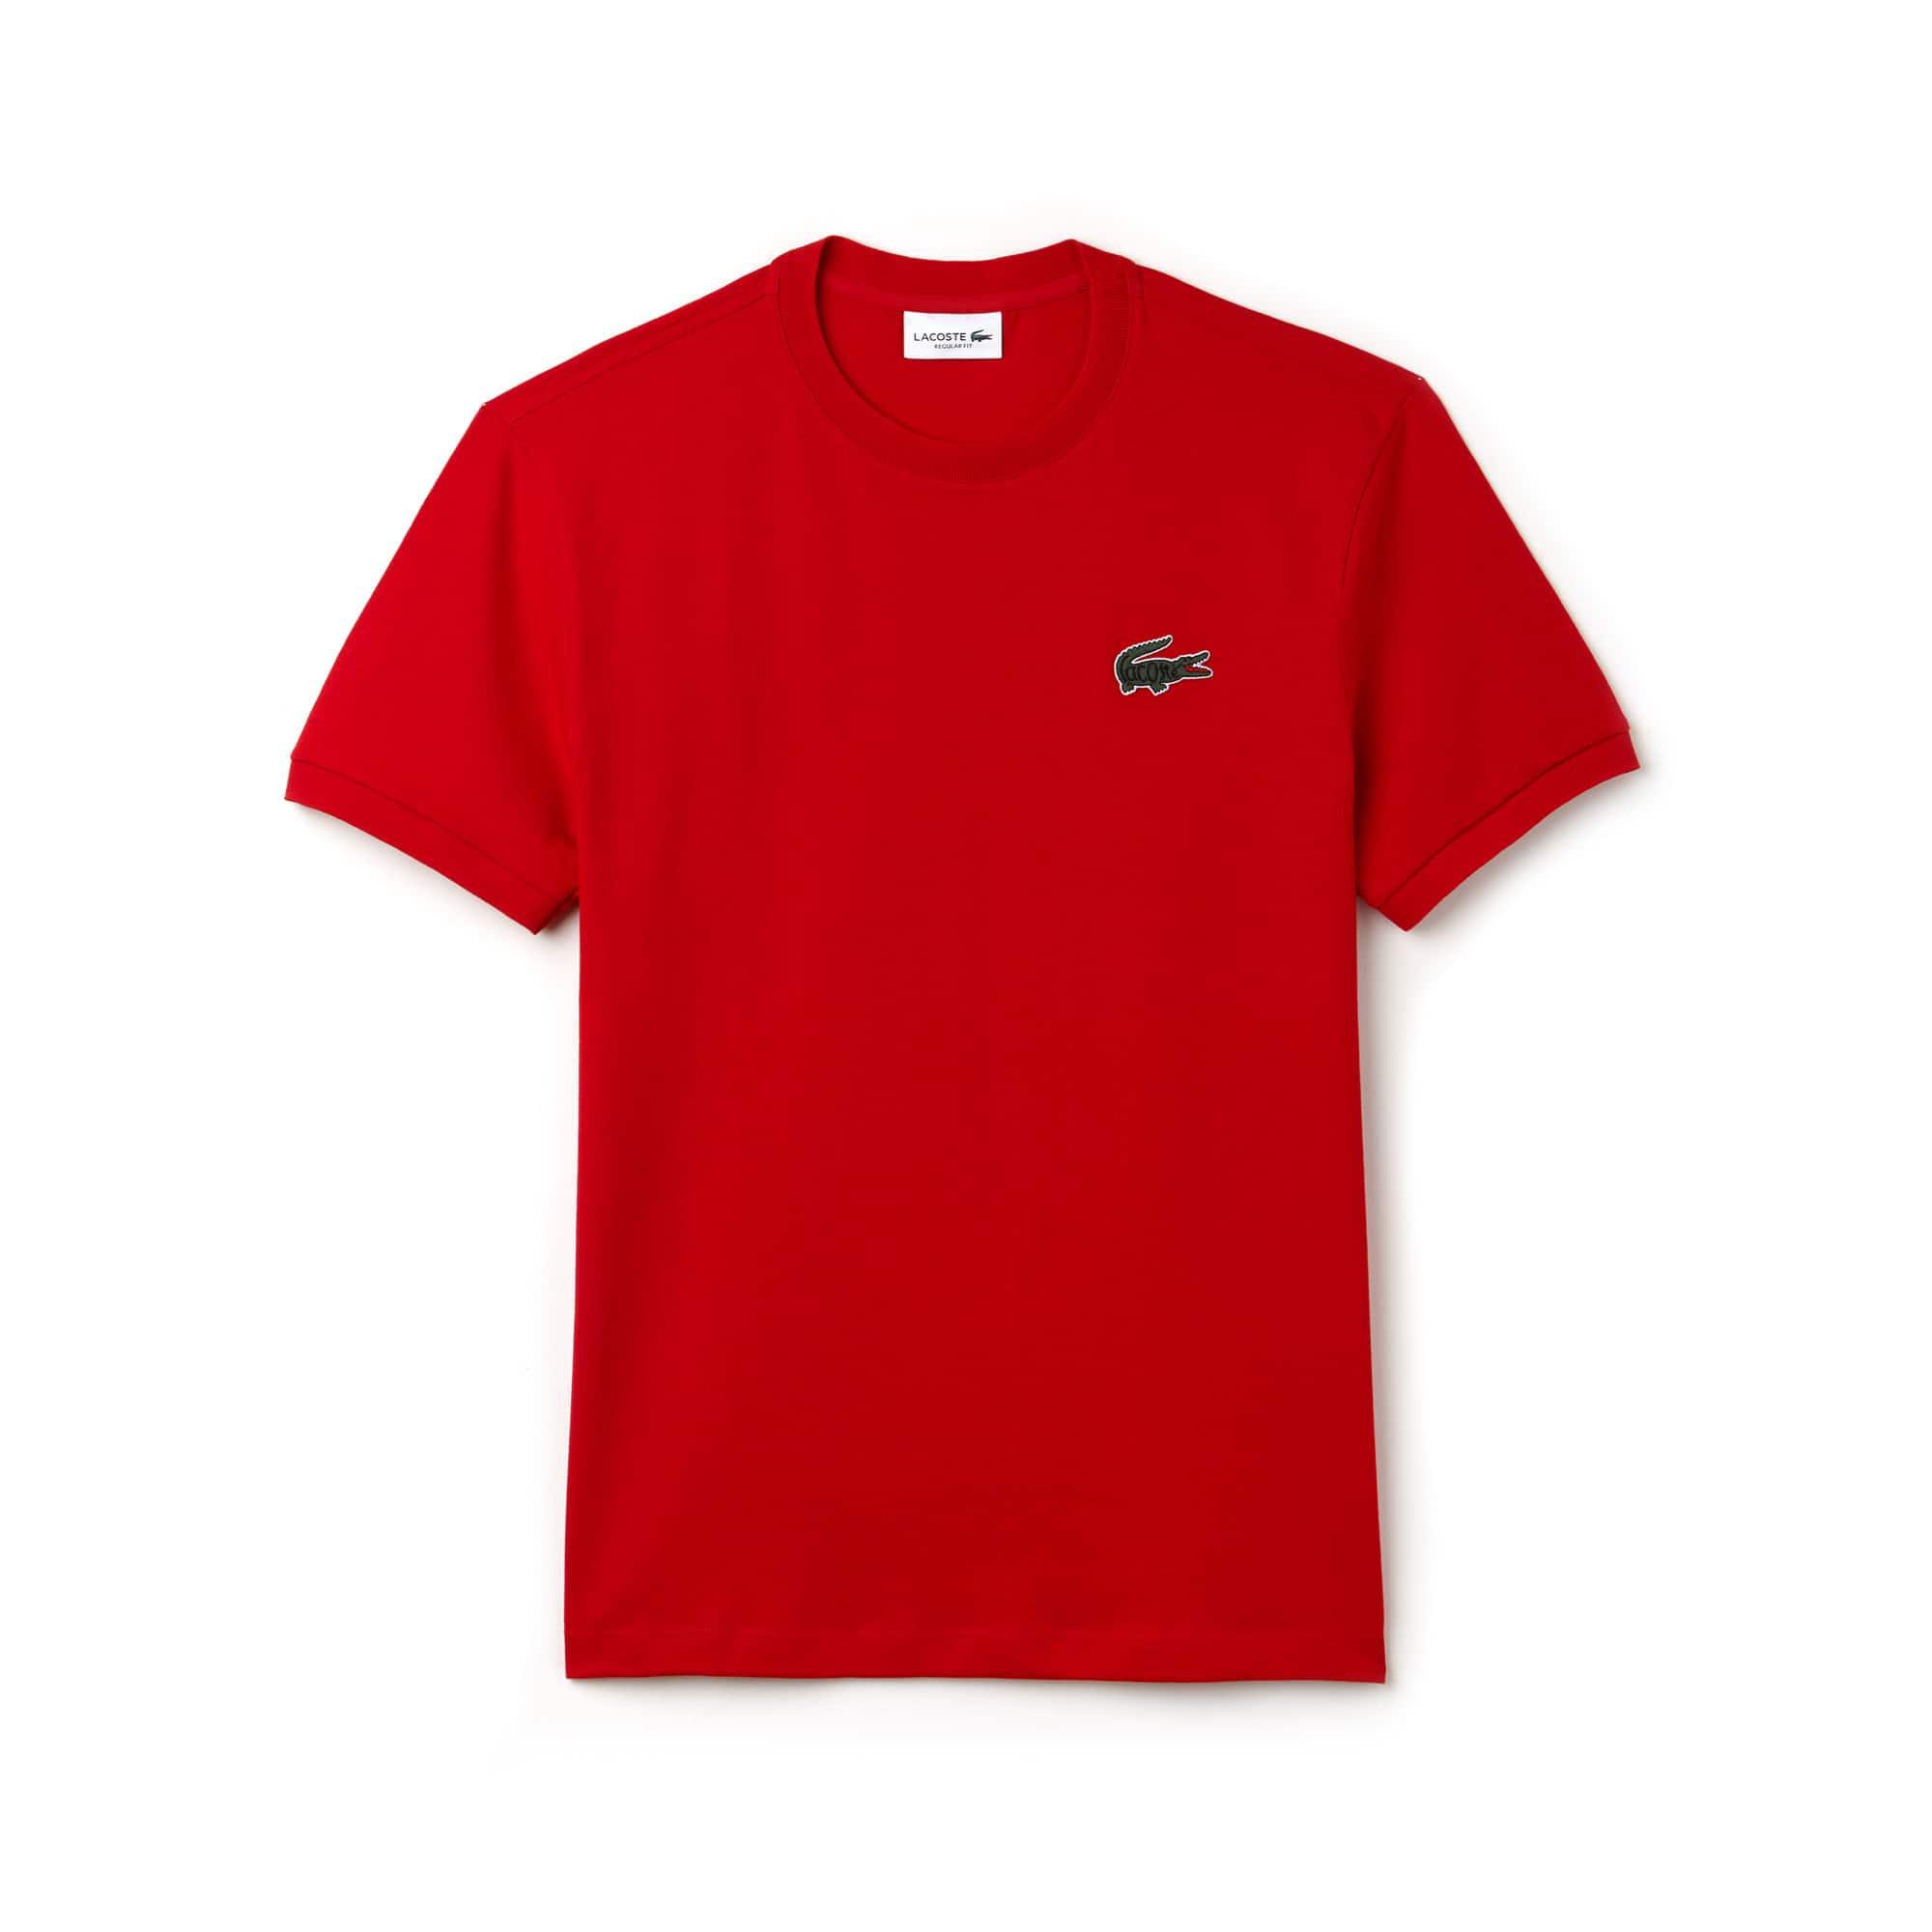 T-shirt a girocollo in jersey di cotone con coccodrillo marchiato Lacoste